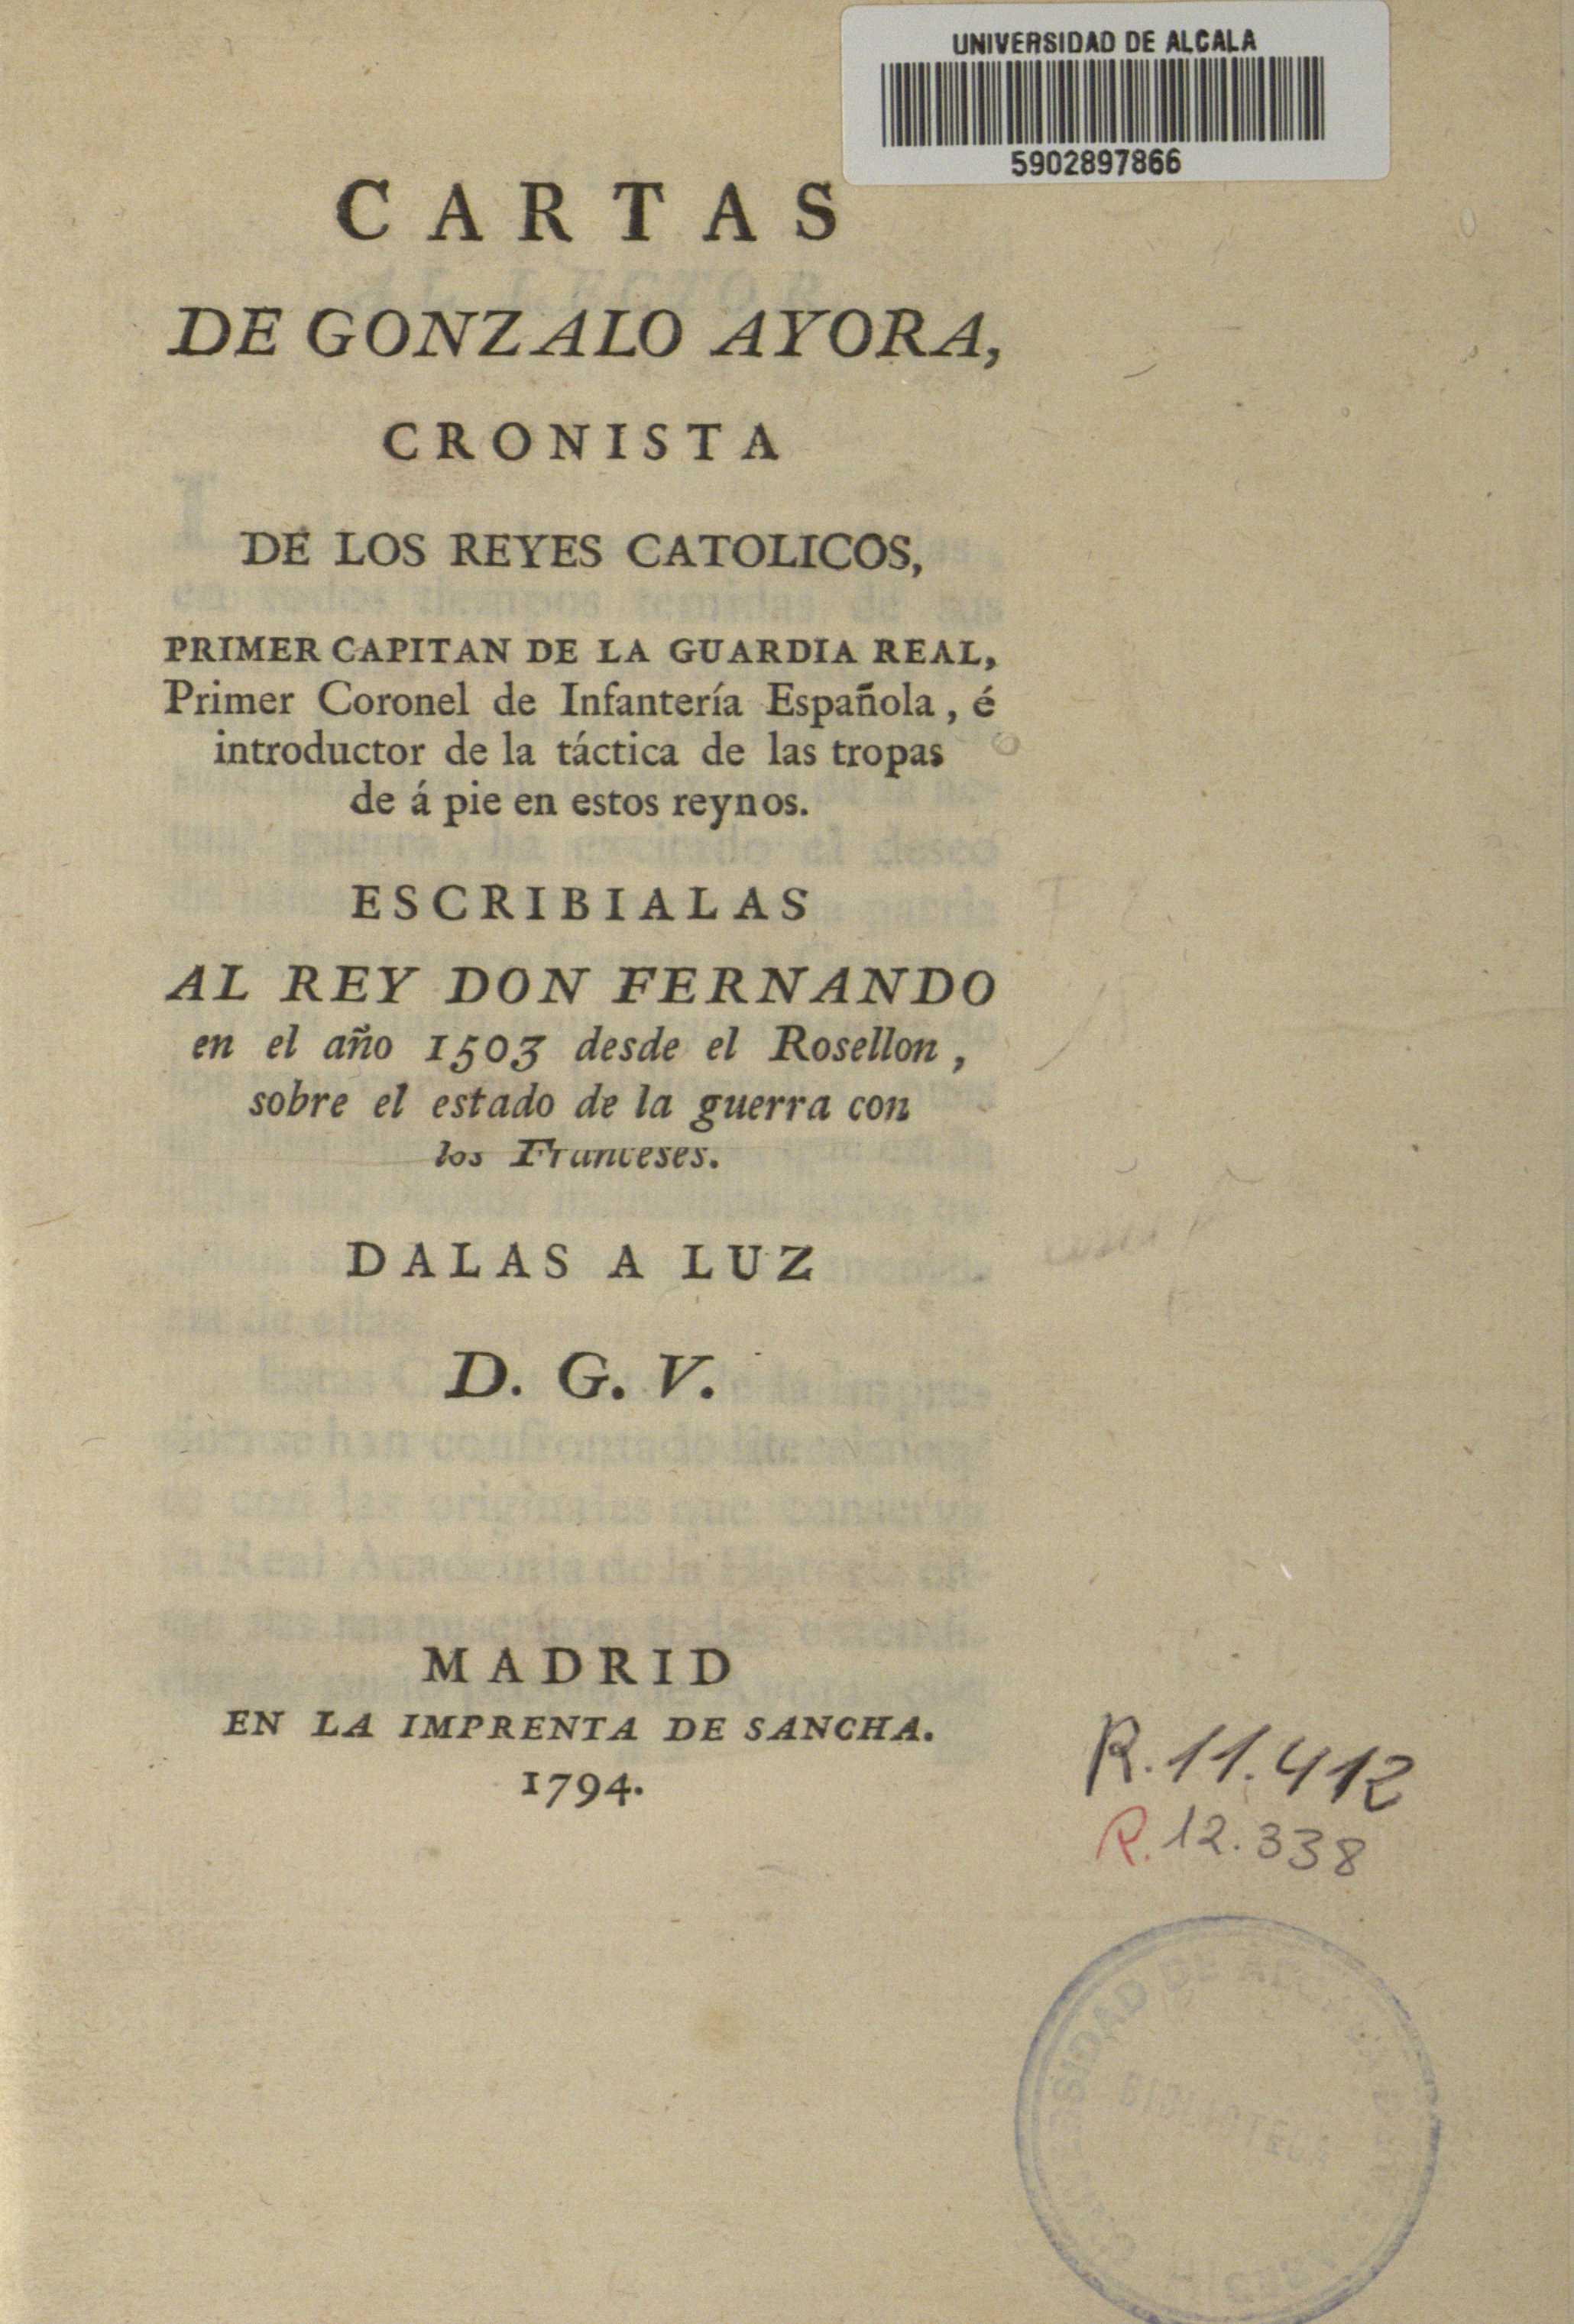 Cartas de Gonzalo Ayora, cronista de los Reyes Católicos, 1794